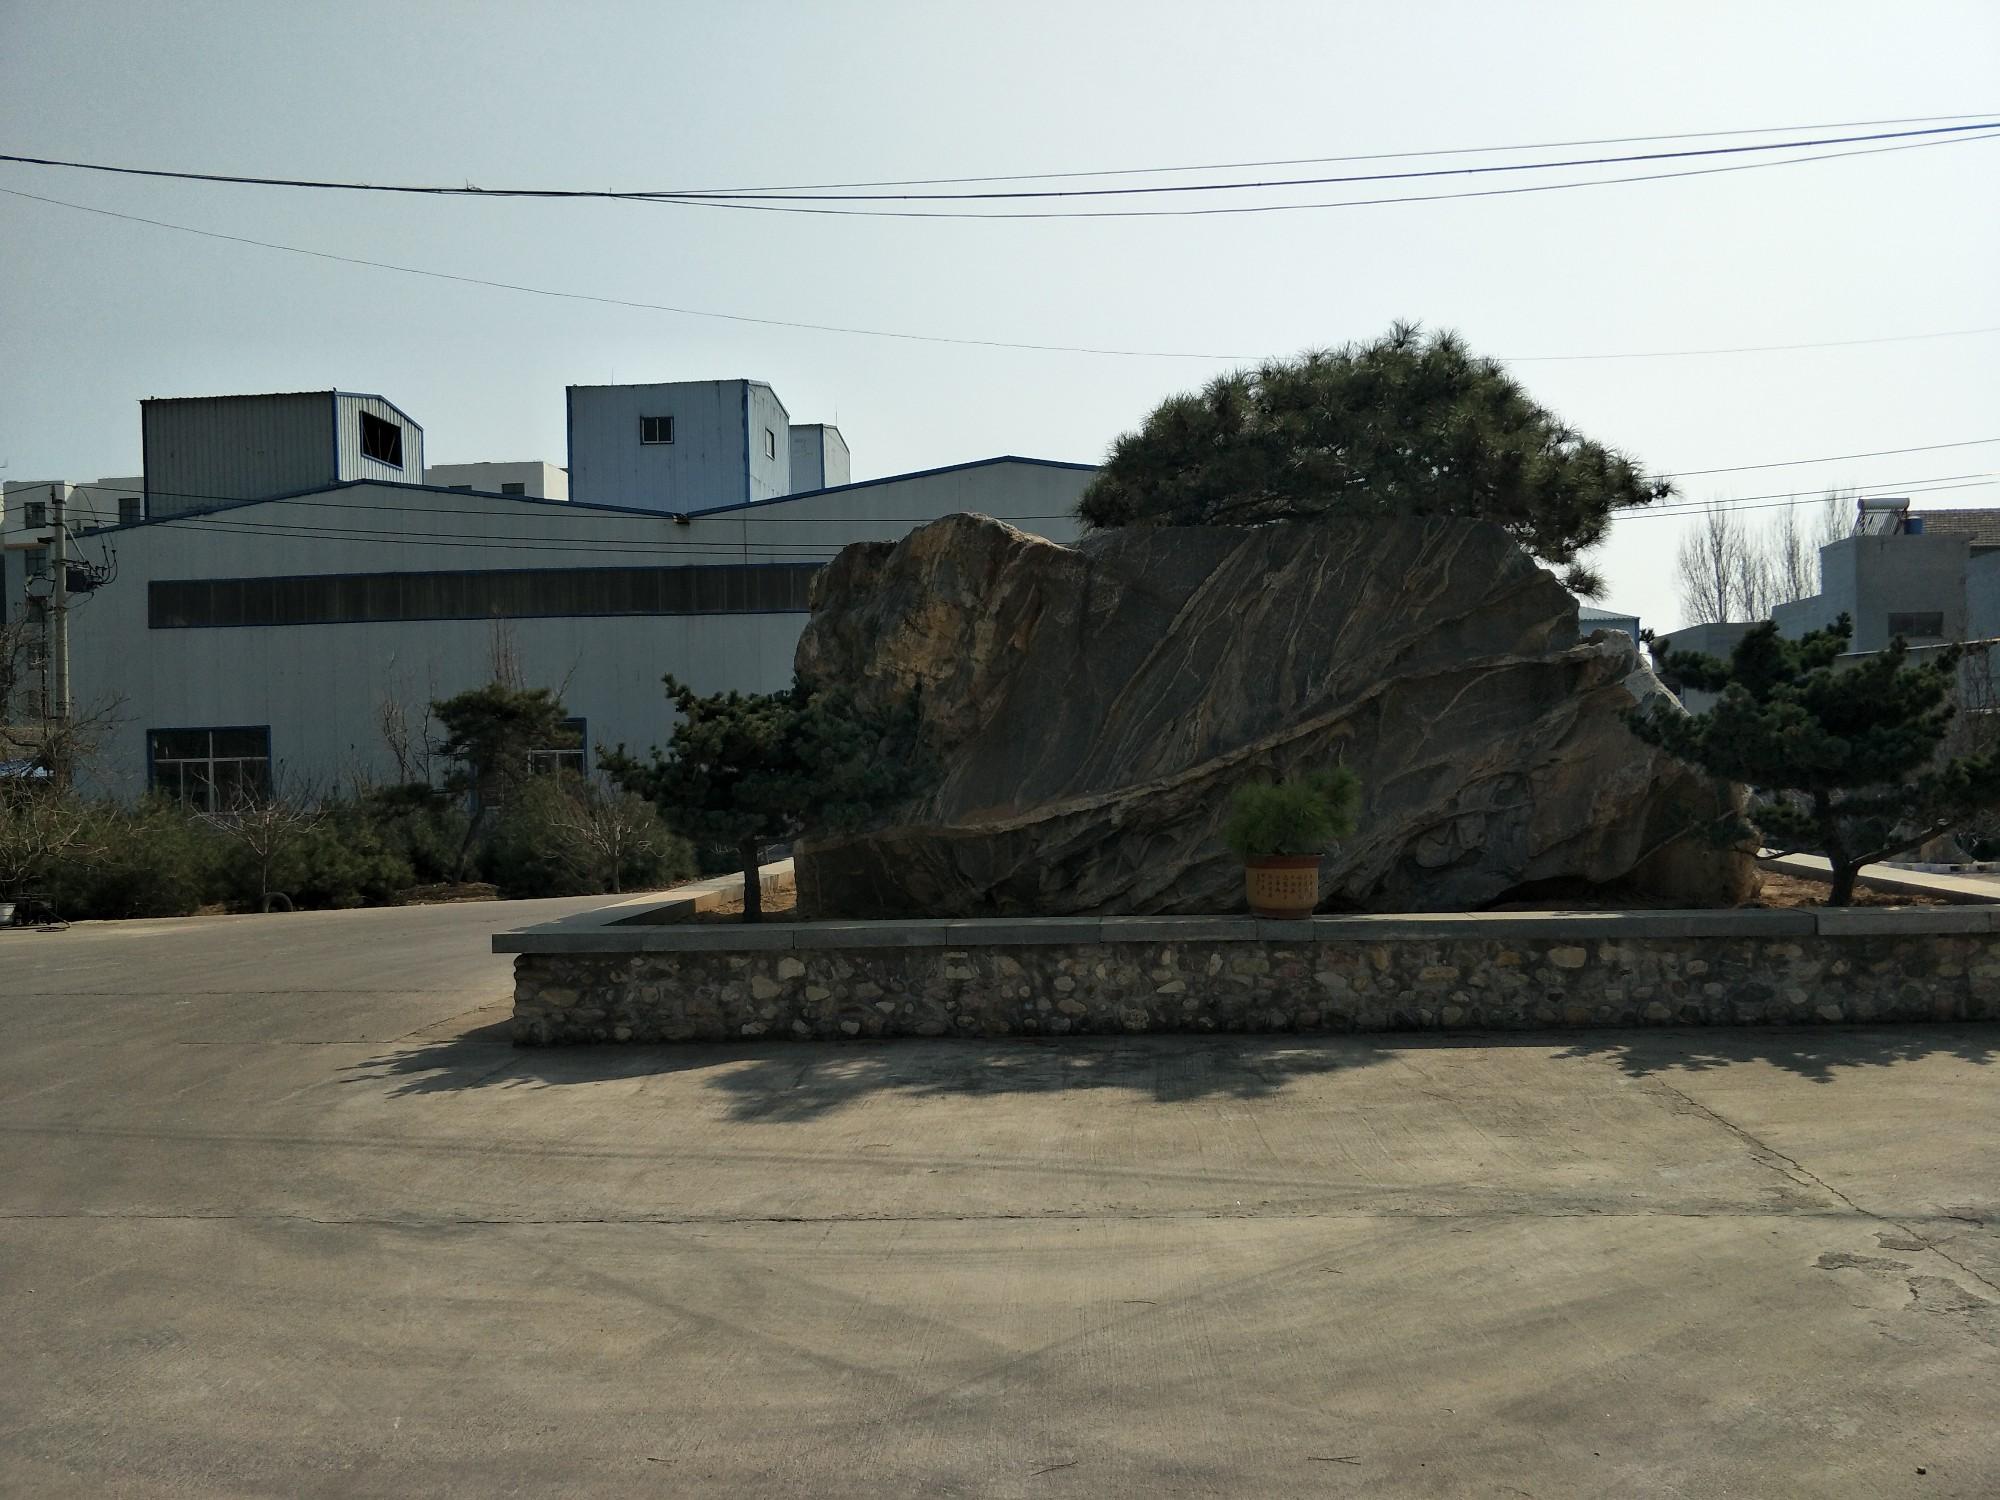 泽瑞排水板生产厂厂貌一角